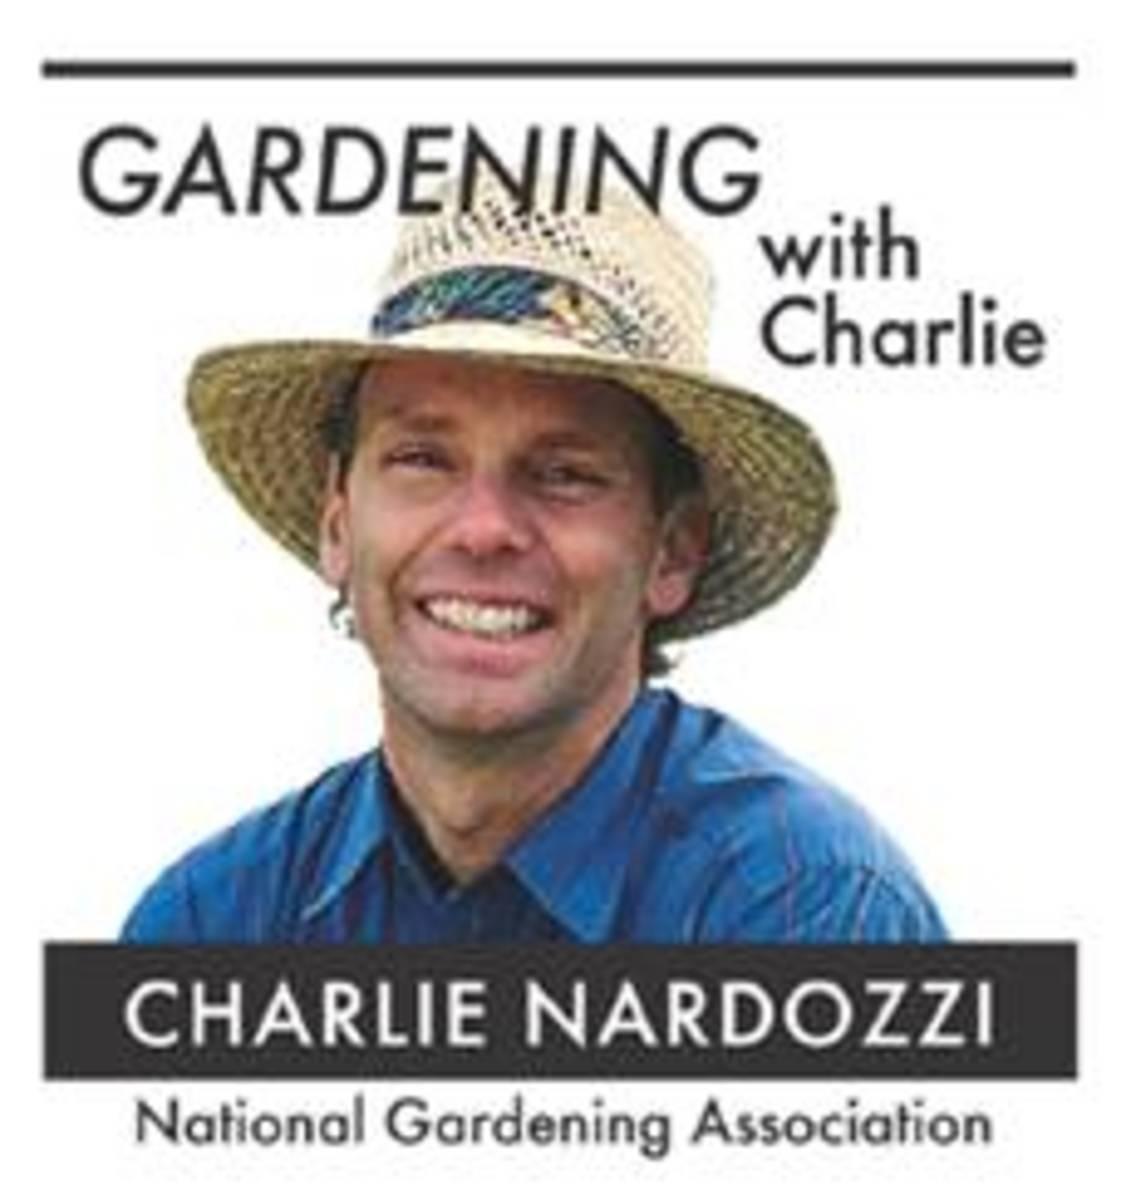 Charlie Nardozzi